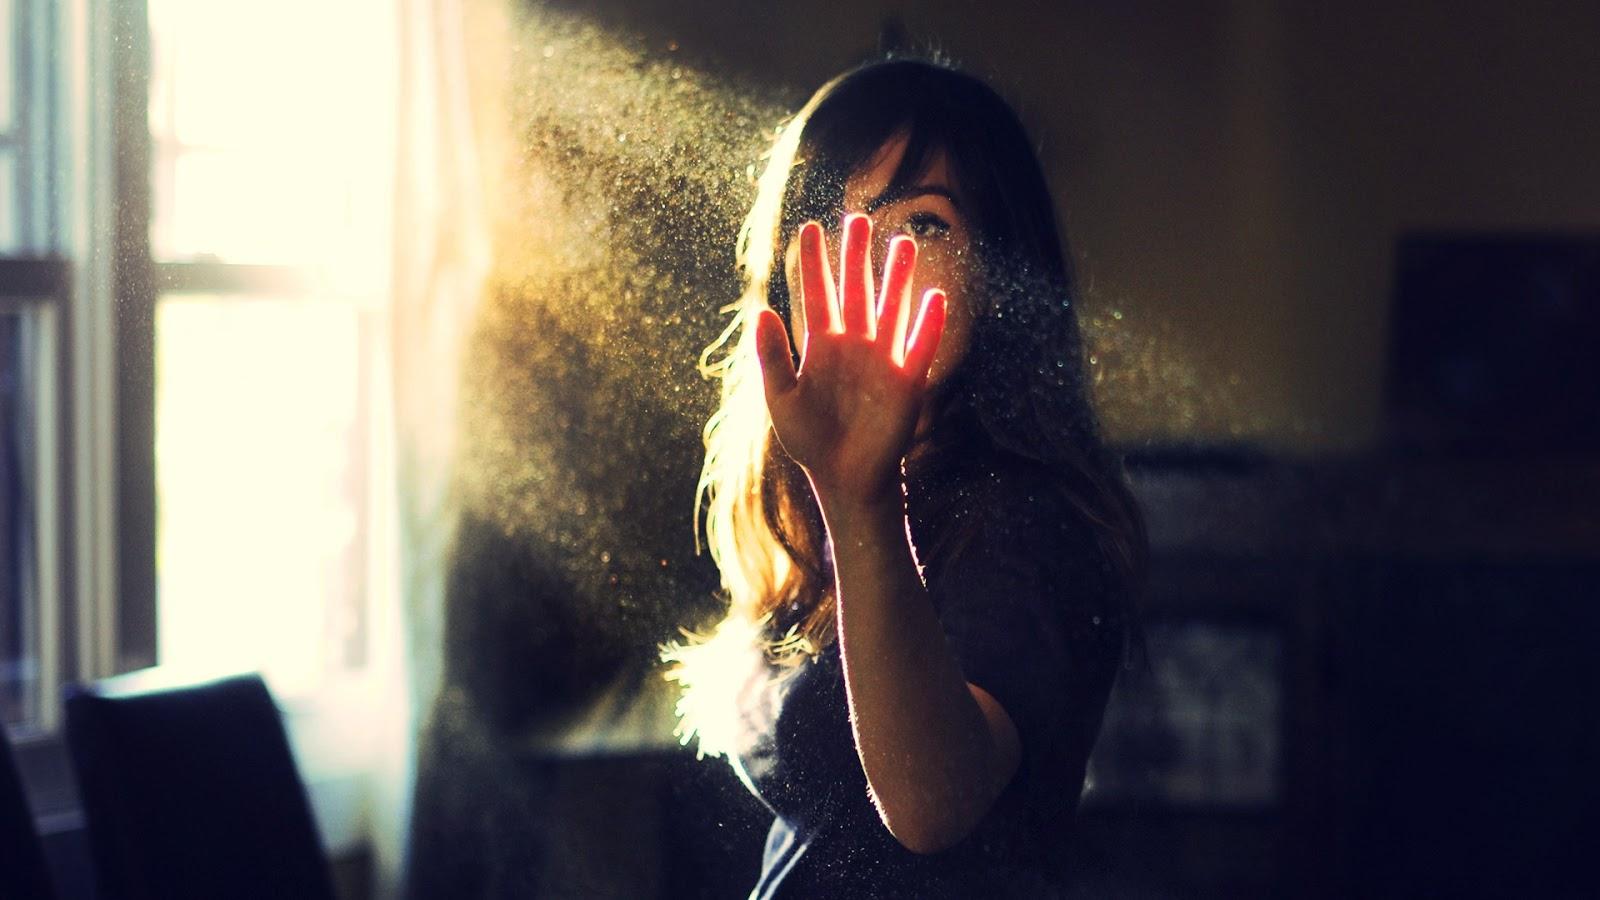 страх потерять человека. страх потерять любимого. страх потерять любовь. страх потерять любимого человека. страх потерять мужчину. страх потерять женщину. страх потерять близких. страх потерять девушку. страх потерять близкого человека. страх потерять близких людей. страх потерять мужа. страх потерять любимого человека фобия.